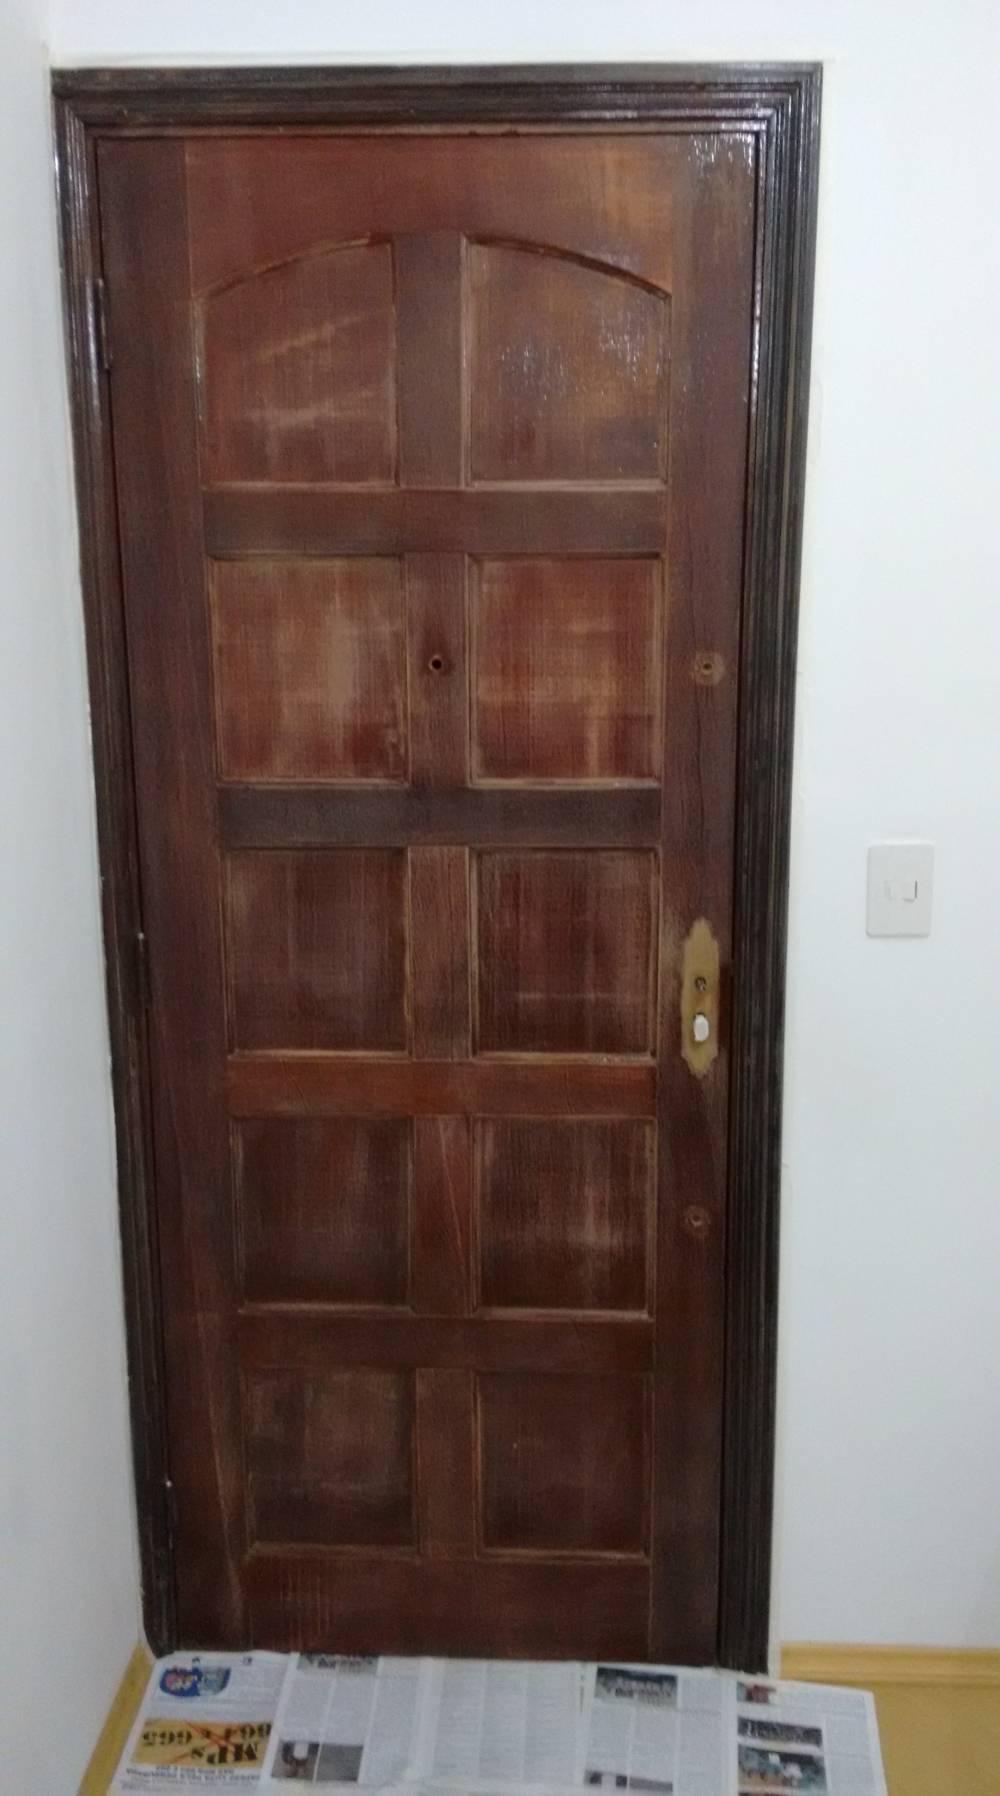 Contratar Quem Faça Reparos Residenciais na Vila Anchieta - Reparos Residenciais SP